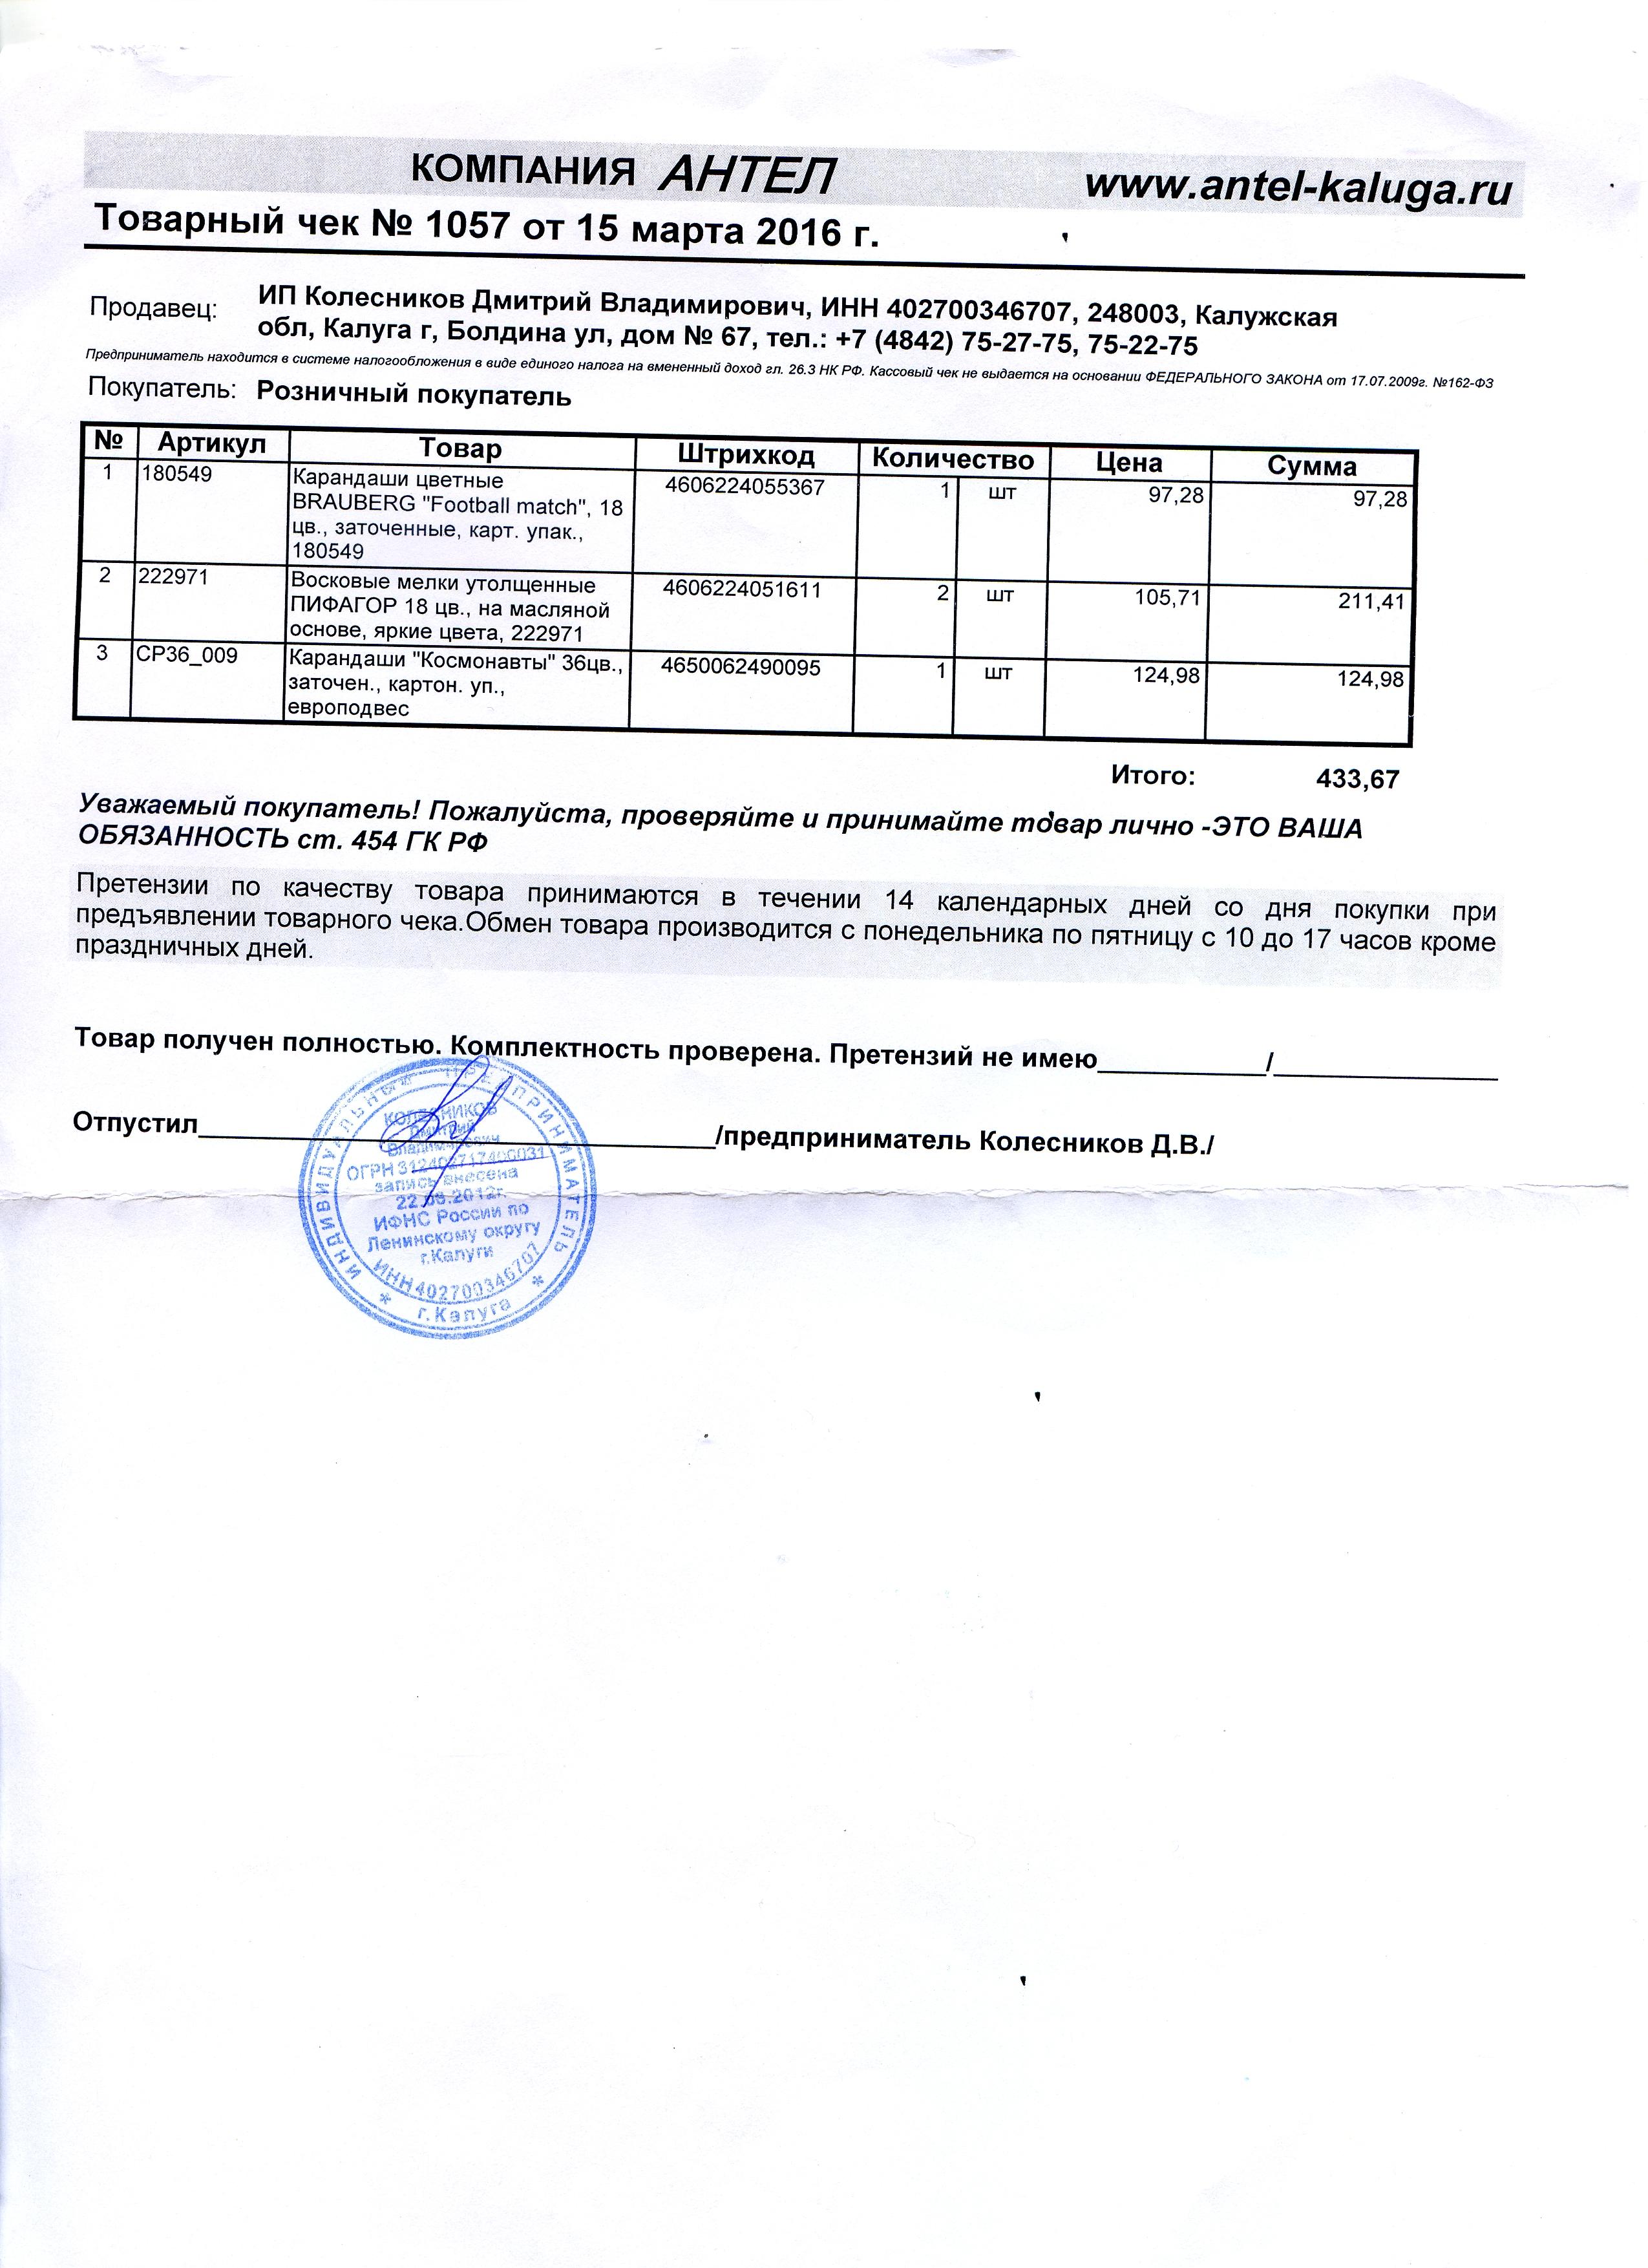 Чек Антел Обнинск 1020